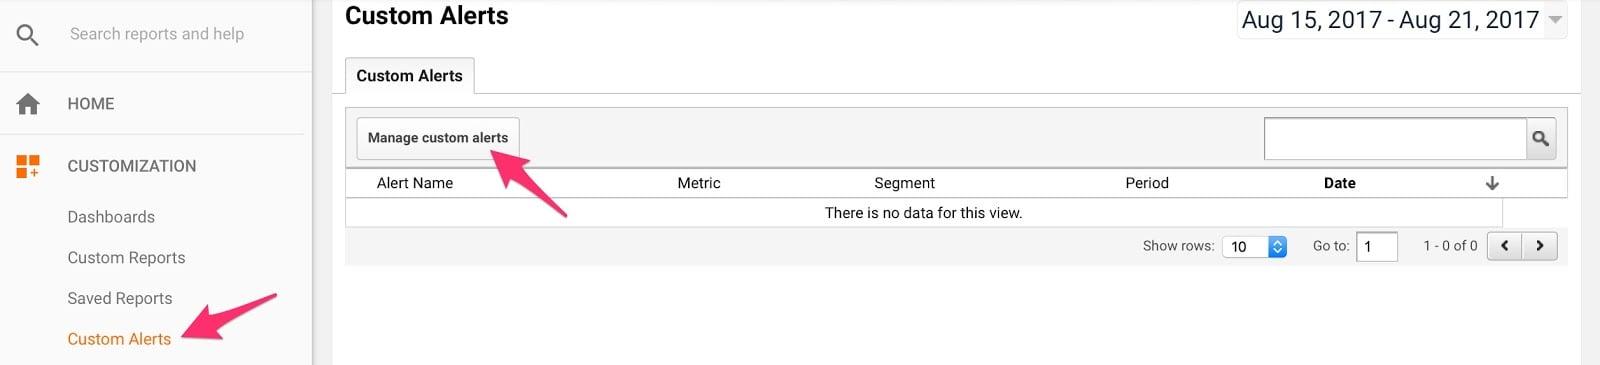 Custom Alerts Analytics